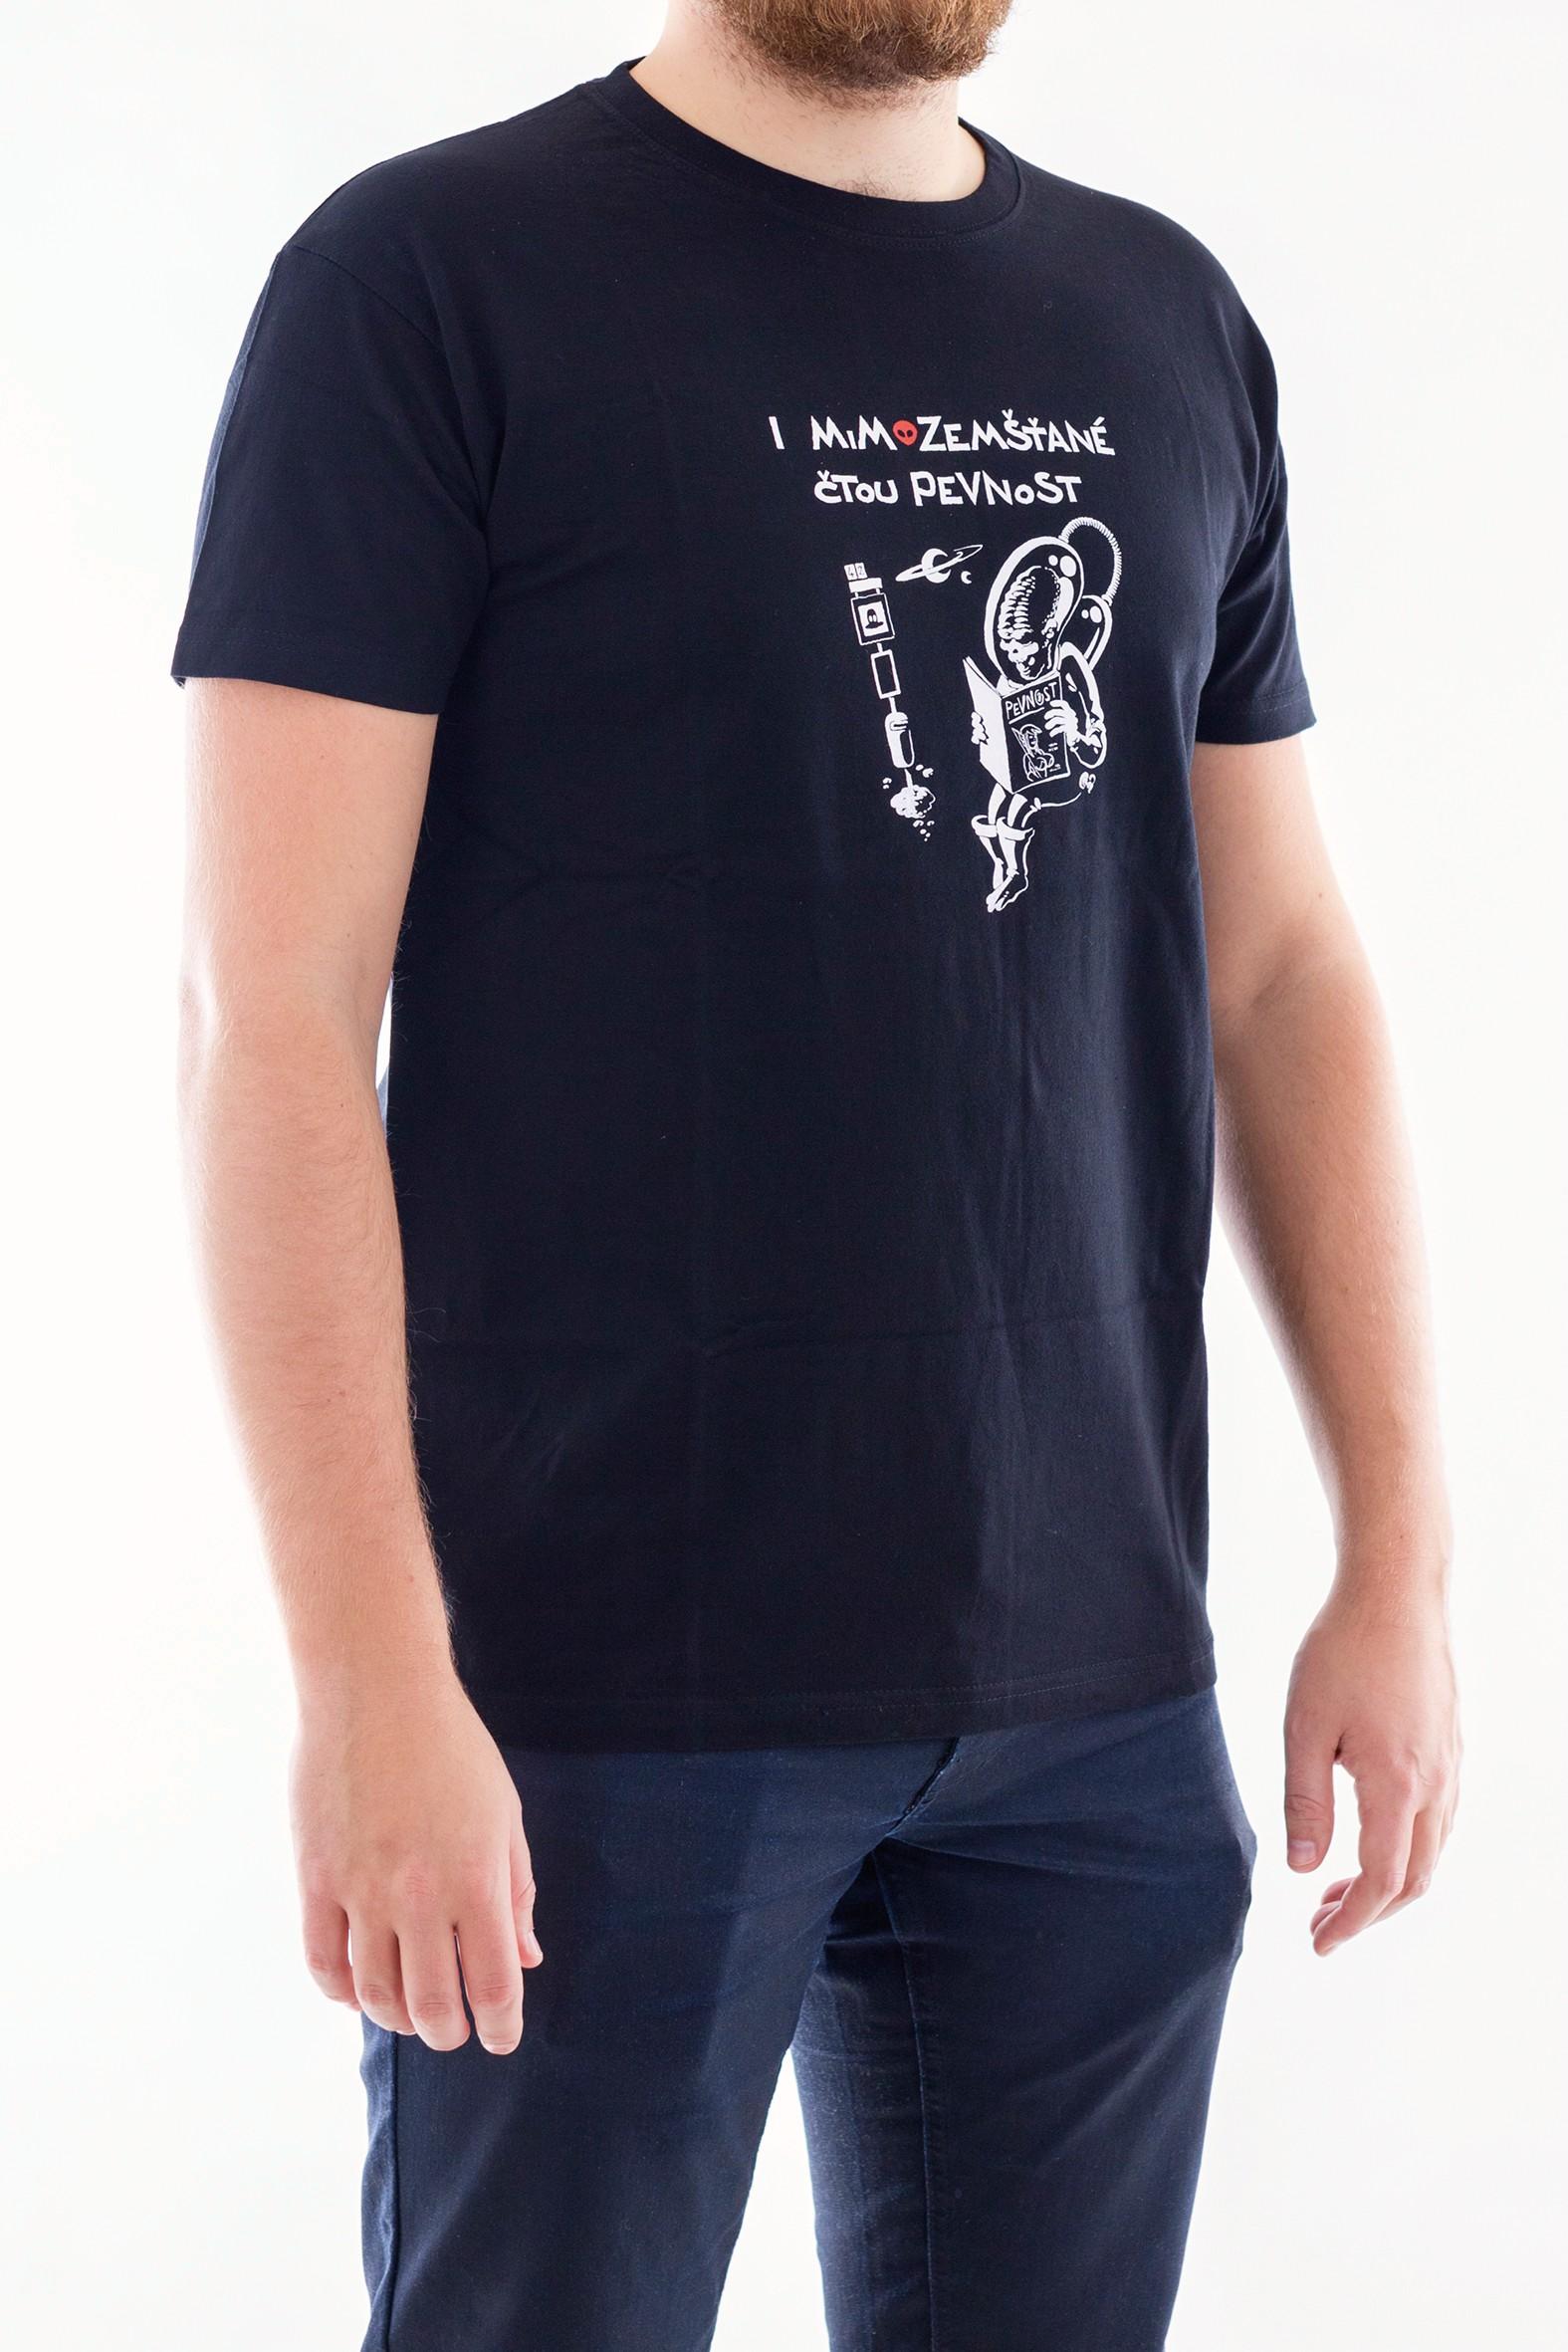 Pánské tričko s mimozemšťanem - 3